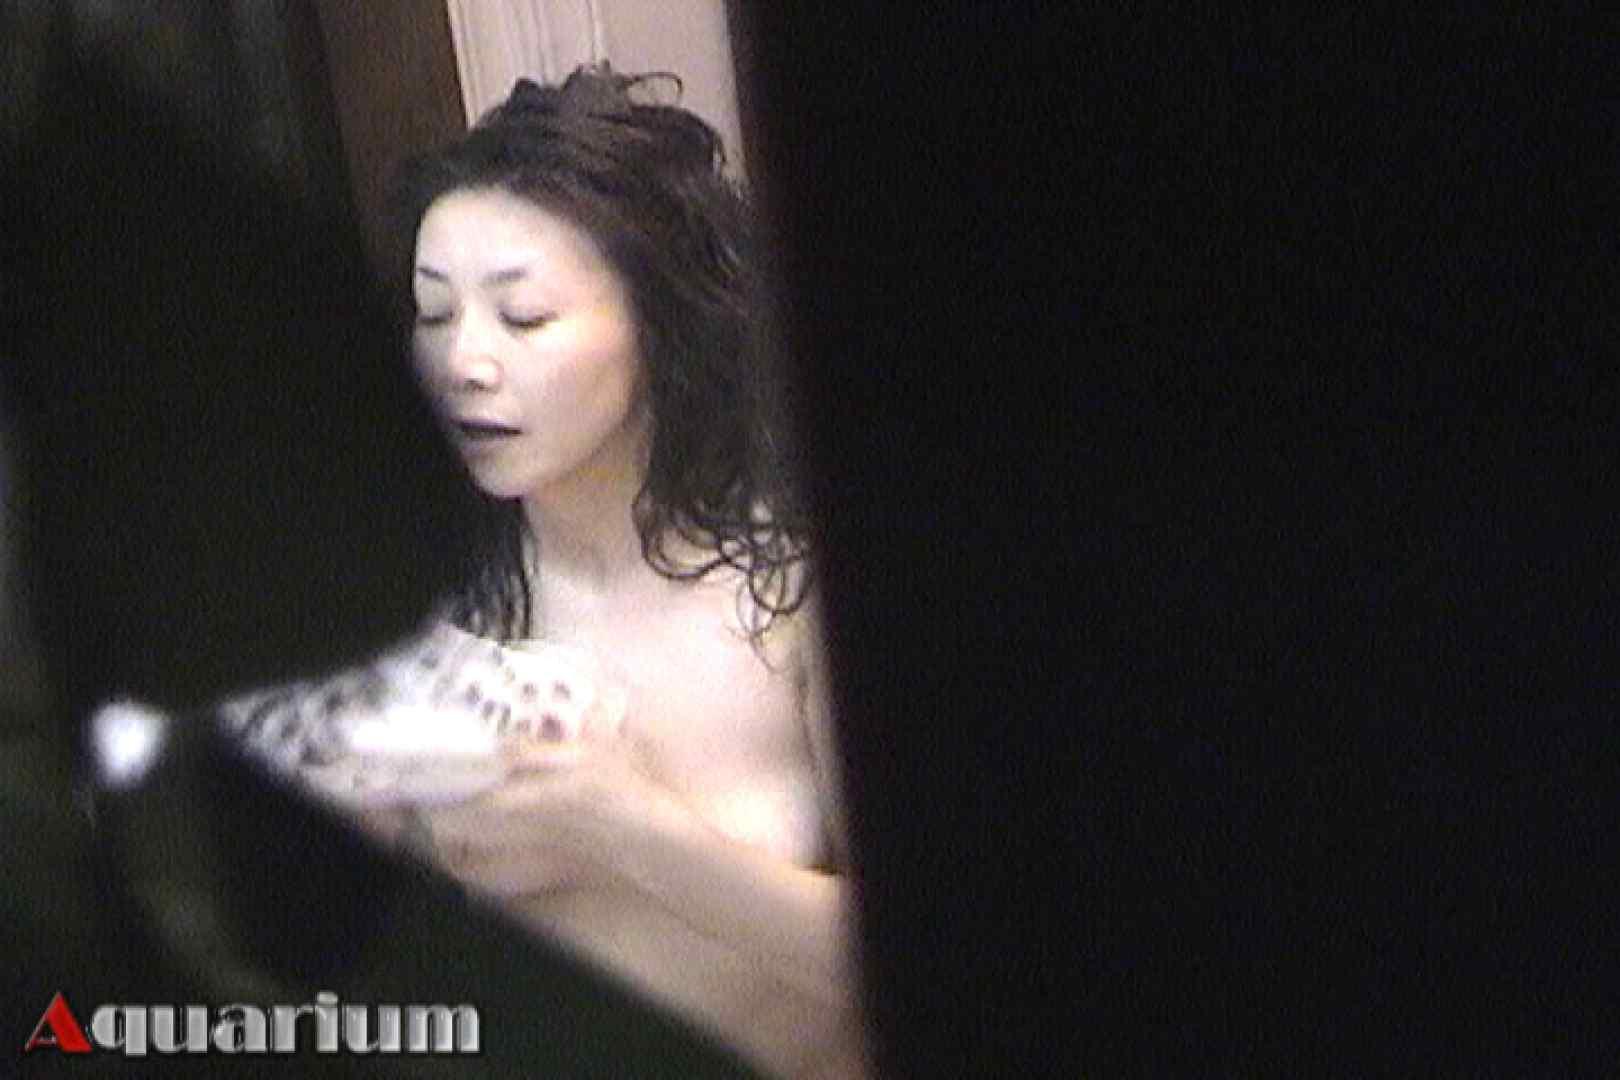 旅館脱衣所お着替え盗撮 Vol.01 盗撮  72PIX 60